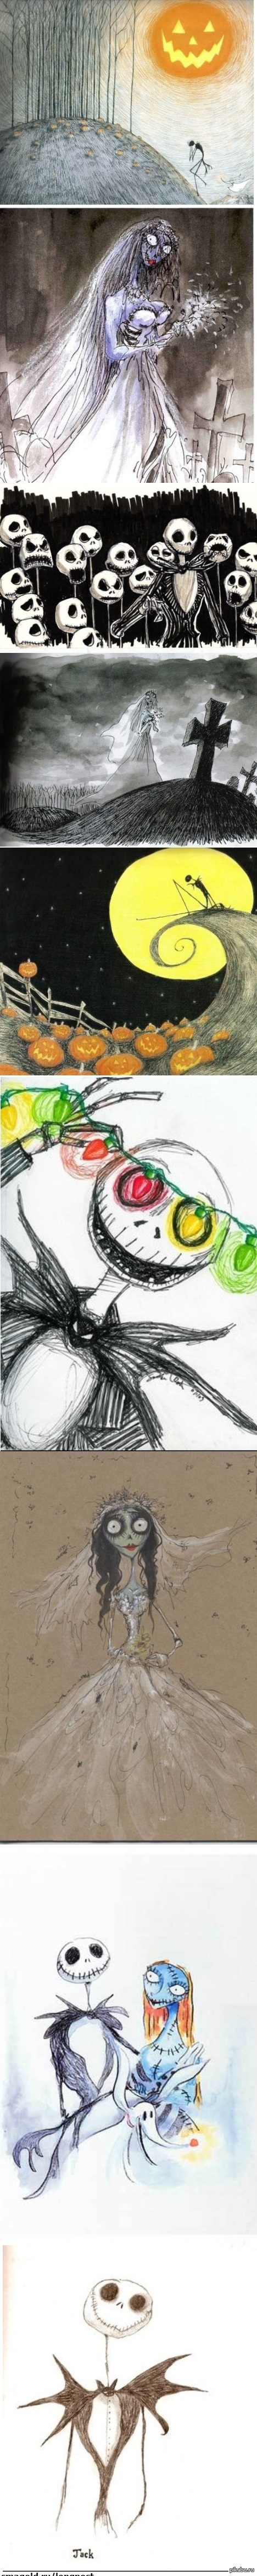 Рисунки Тима Бёртона